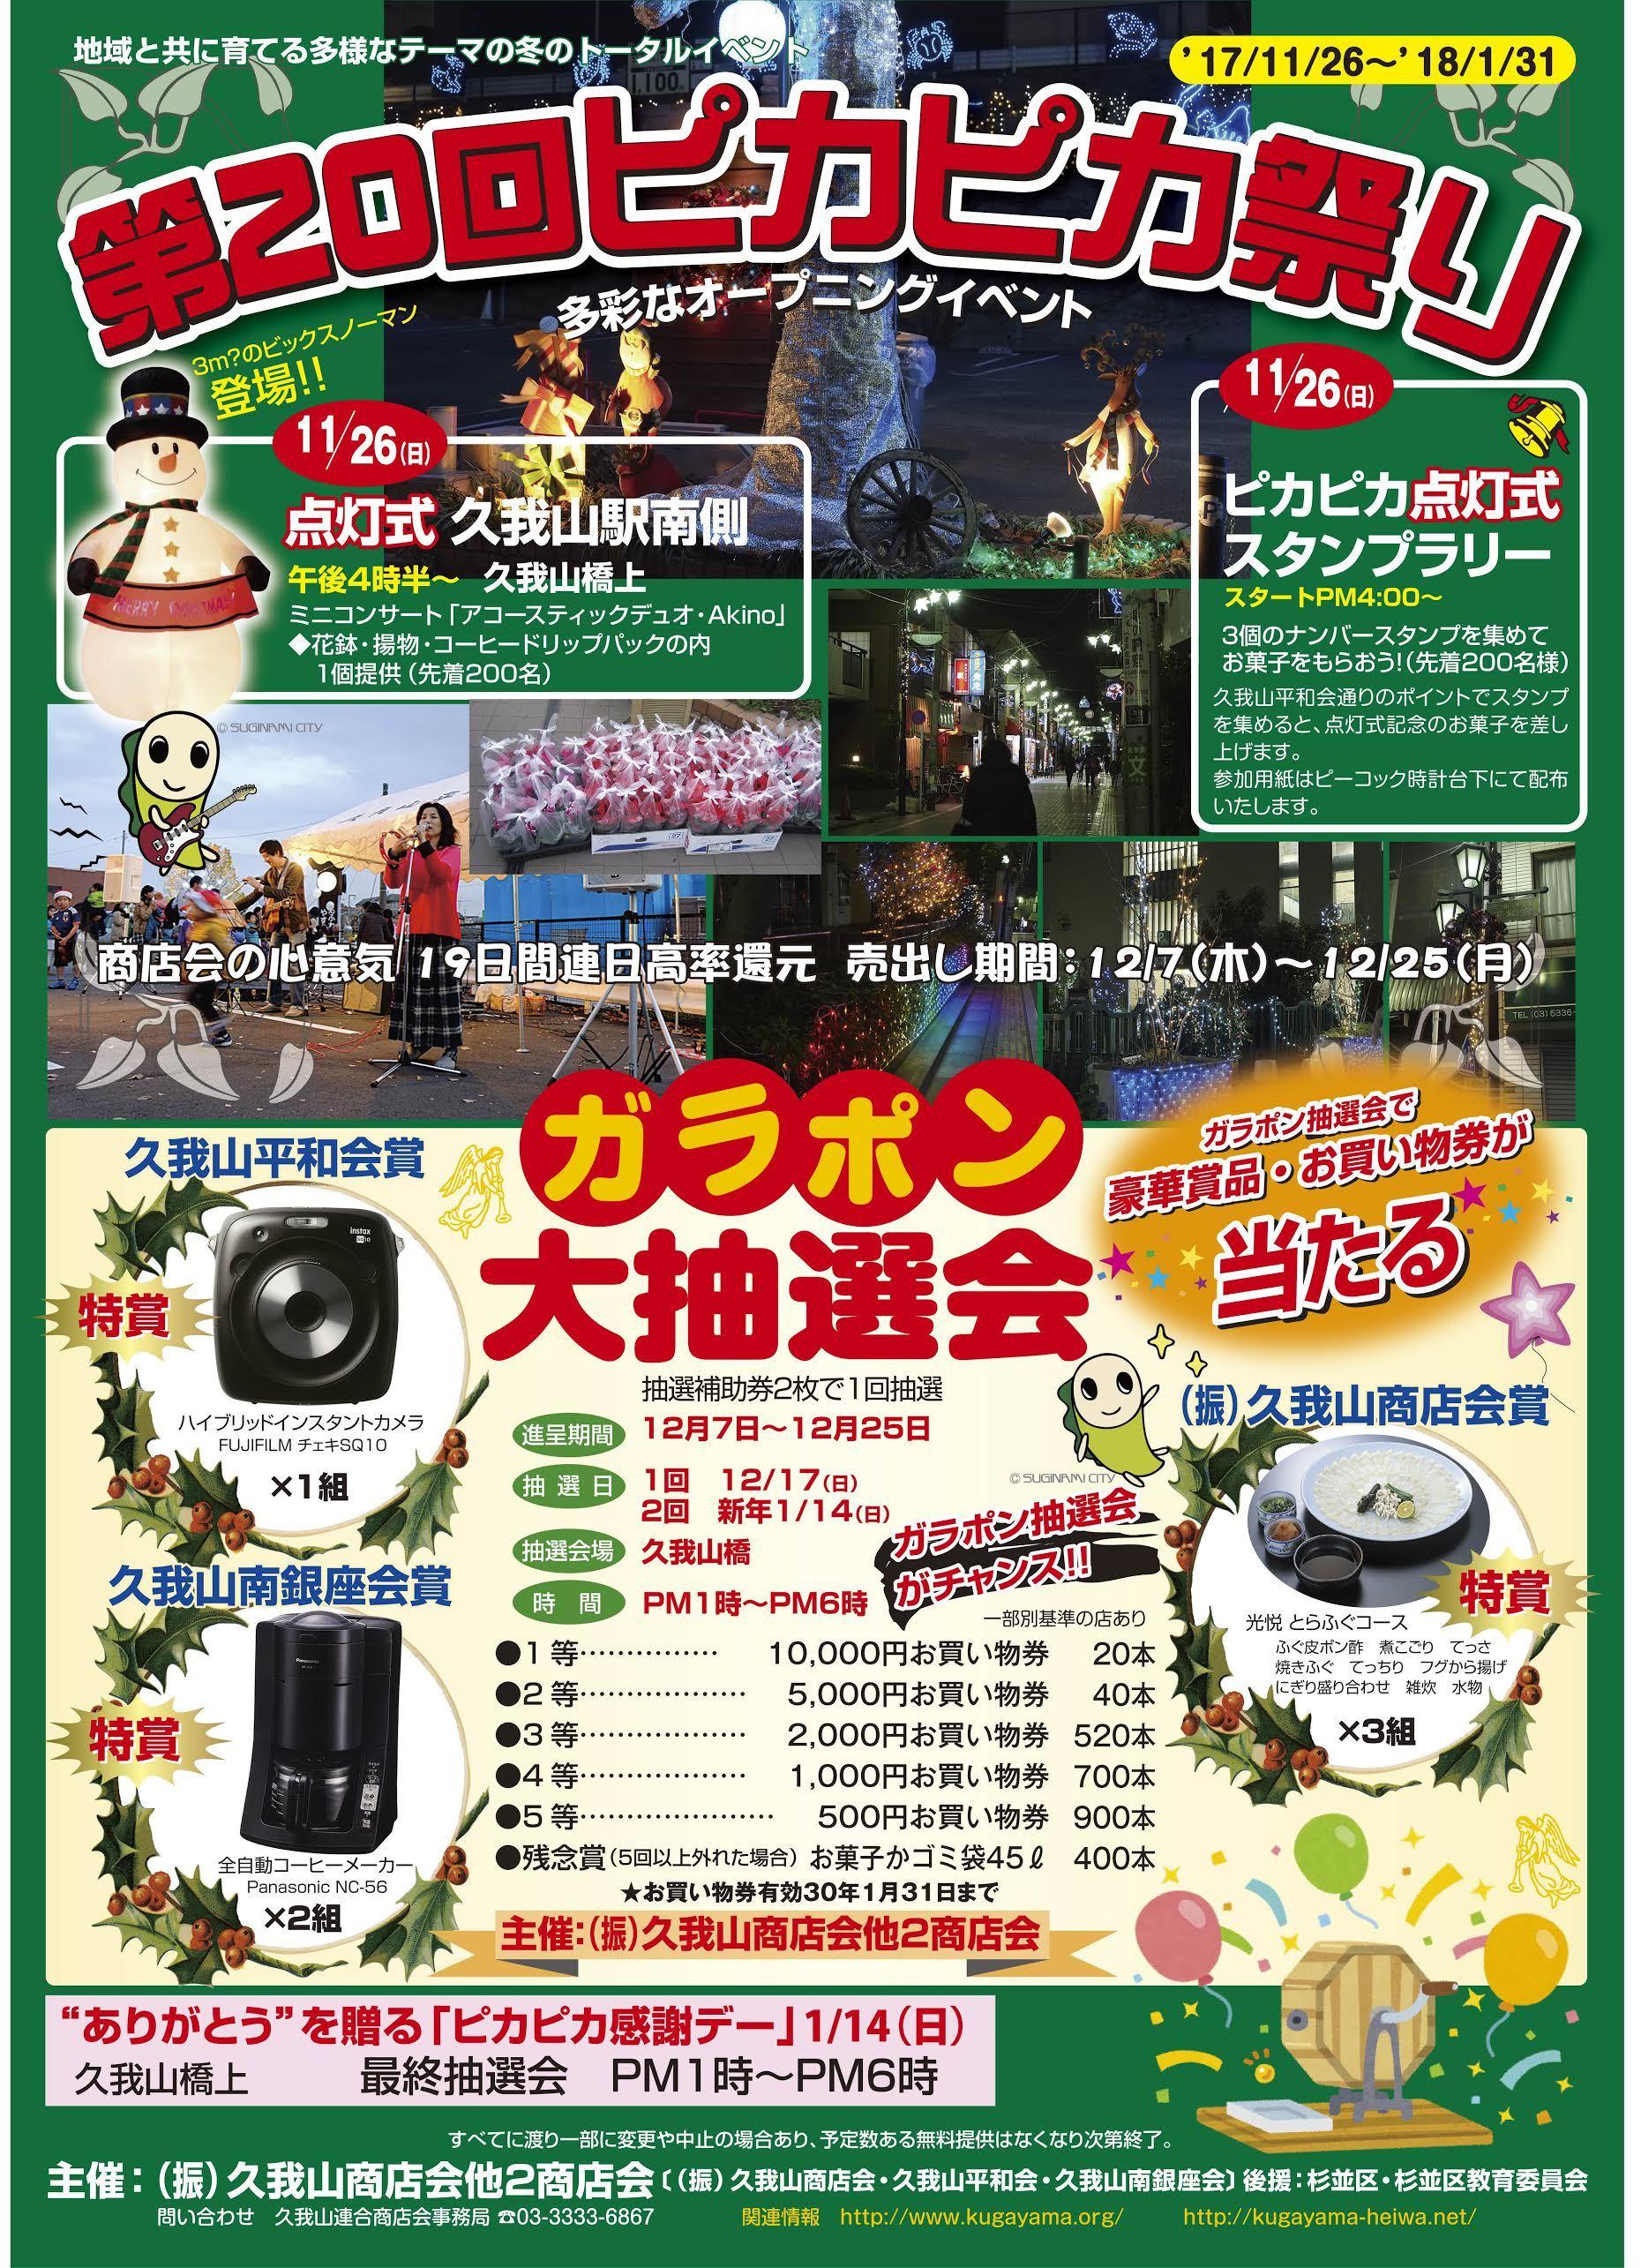 ④第20回ピカピカ祭り